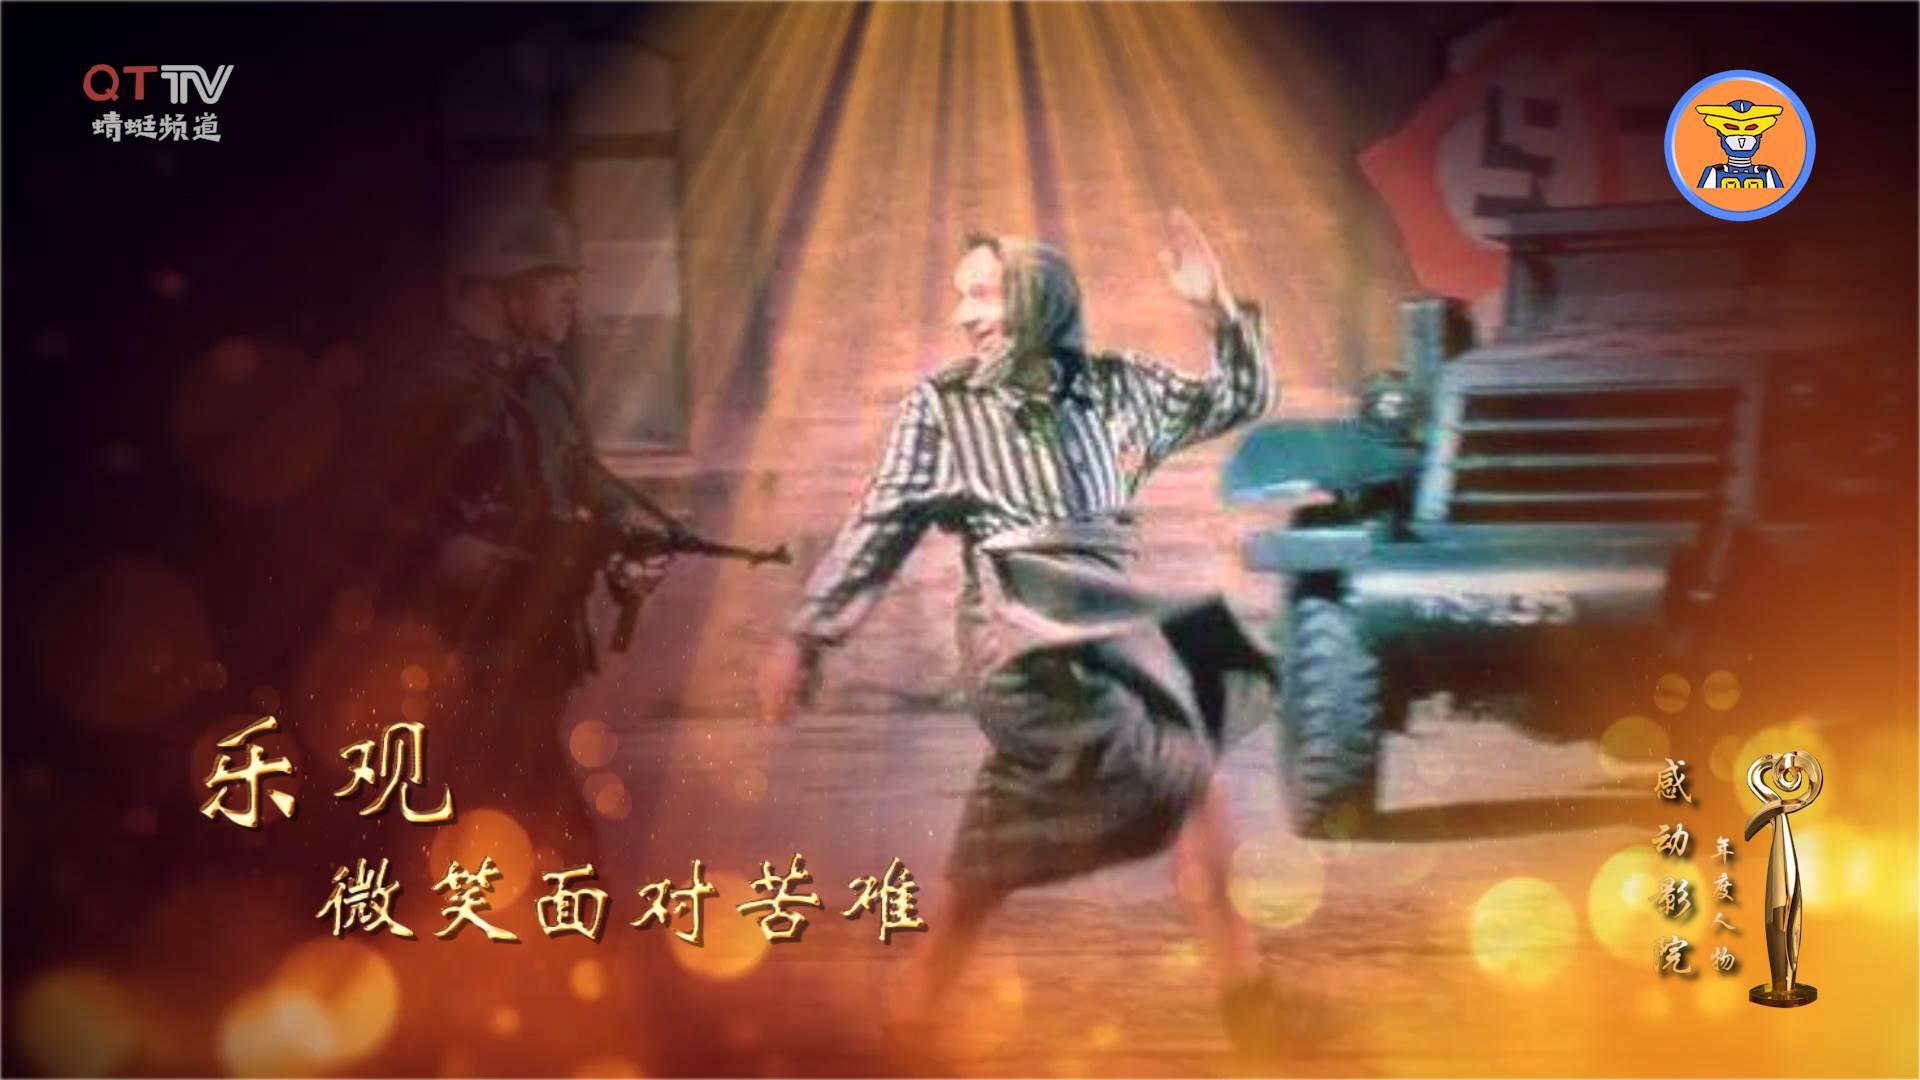 重温经典,用《感动中国》的方式打开温情电影《美丽人生》!